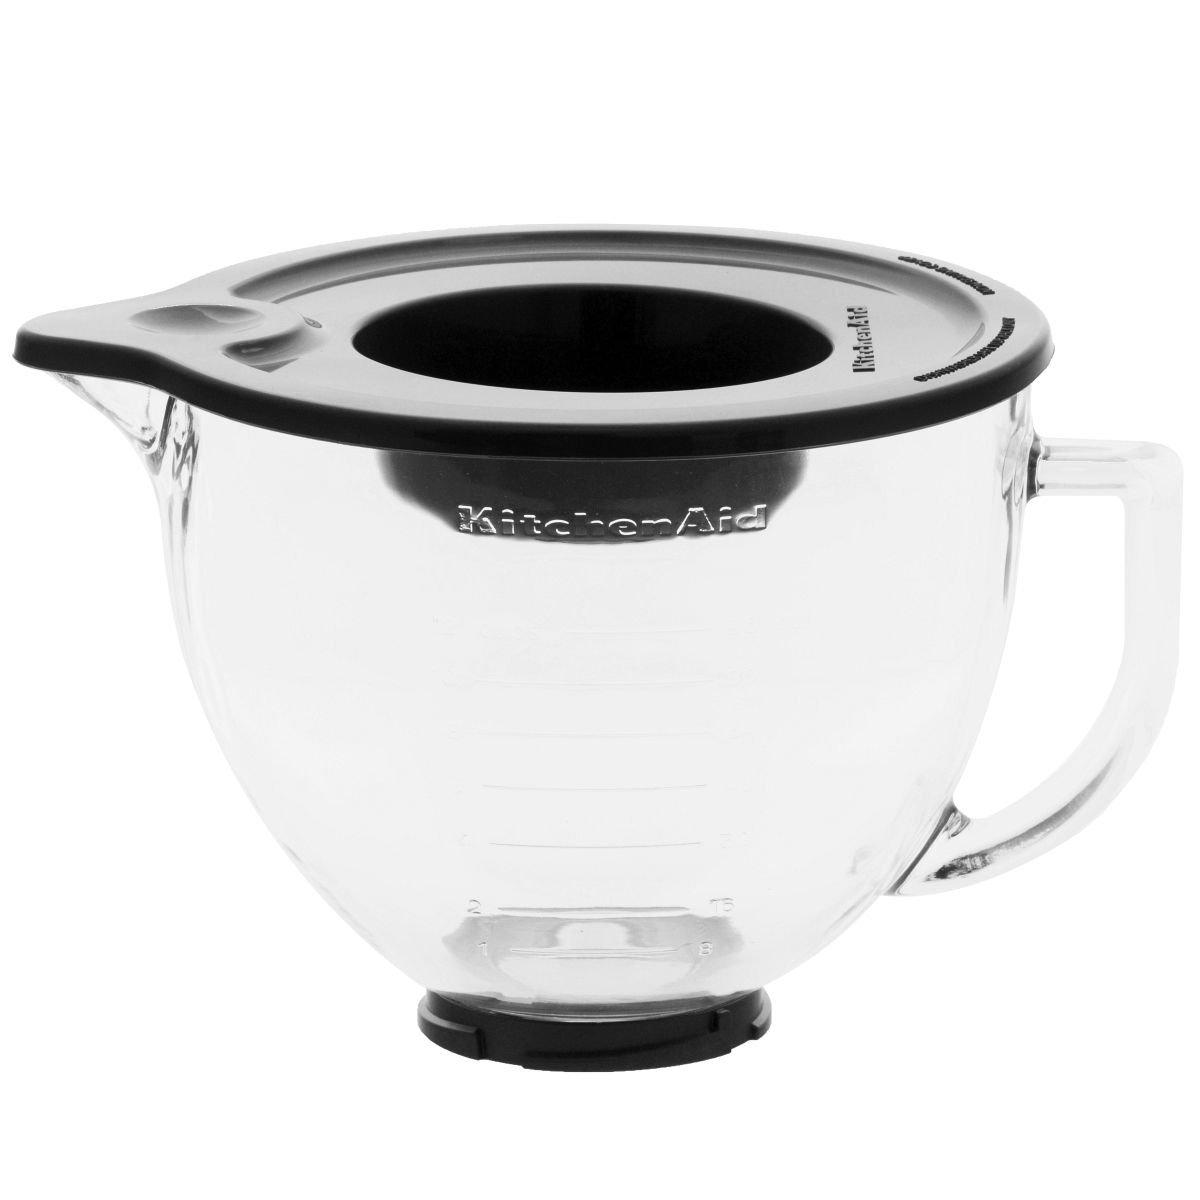 KitchenAid 4.8 Litre Glass Bowl For KitchenAid Mixer